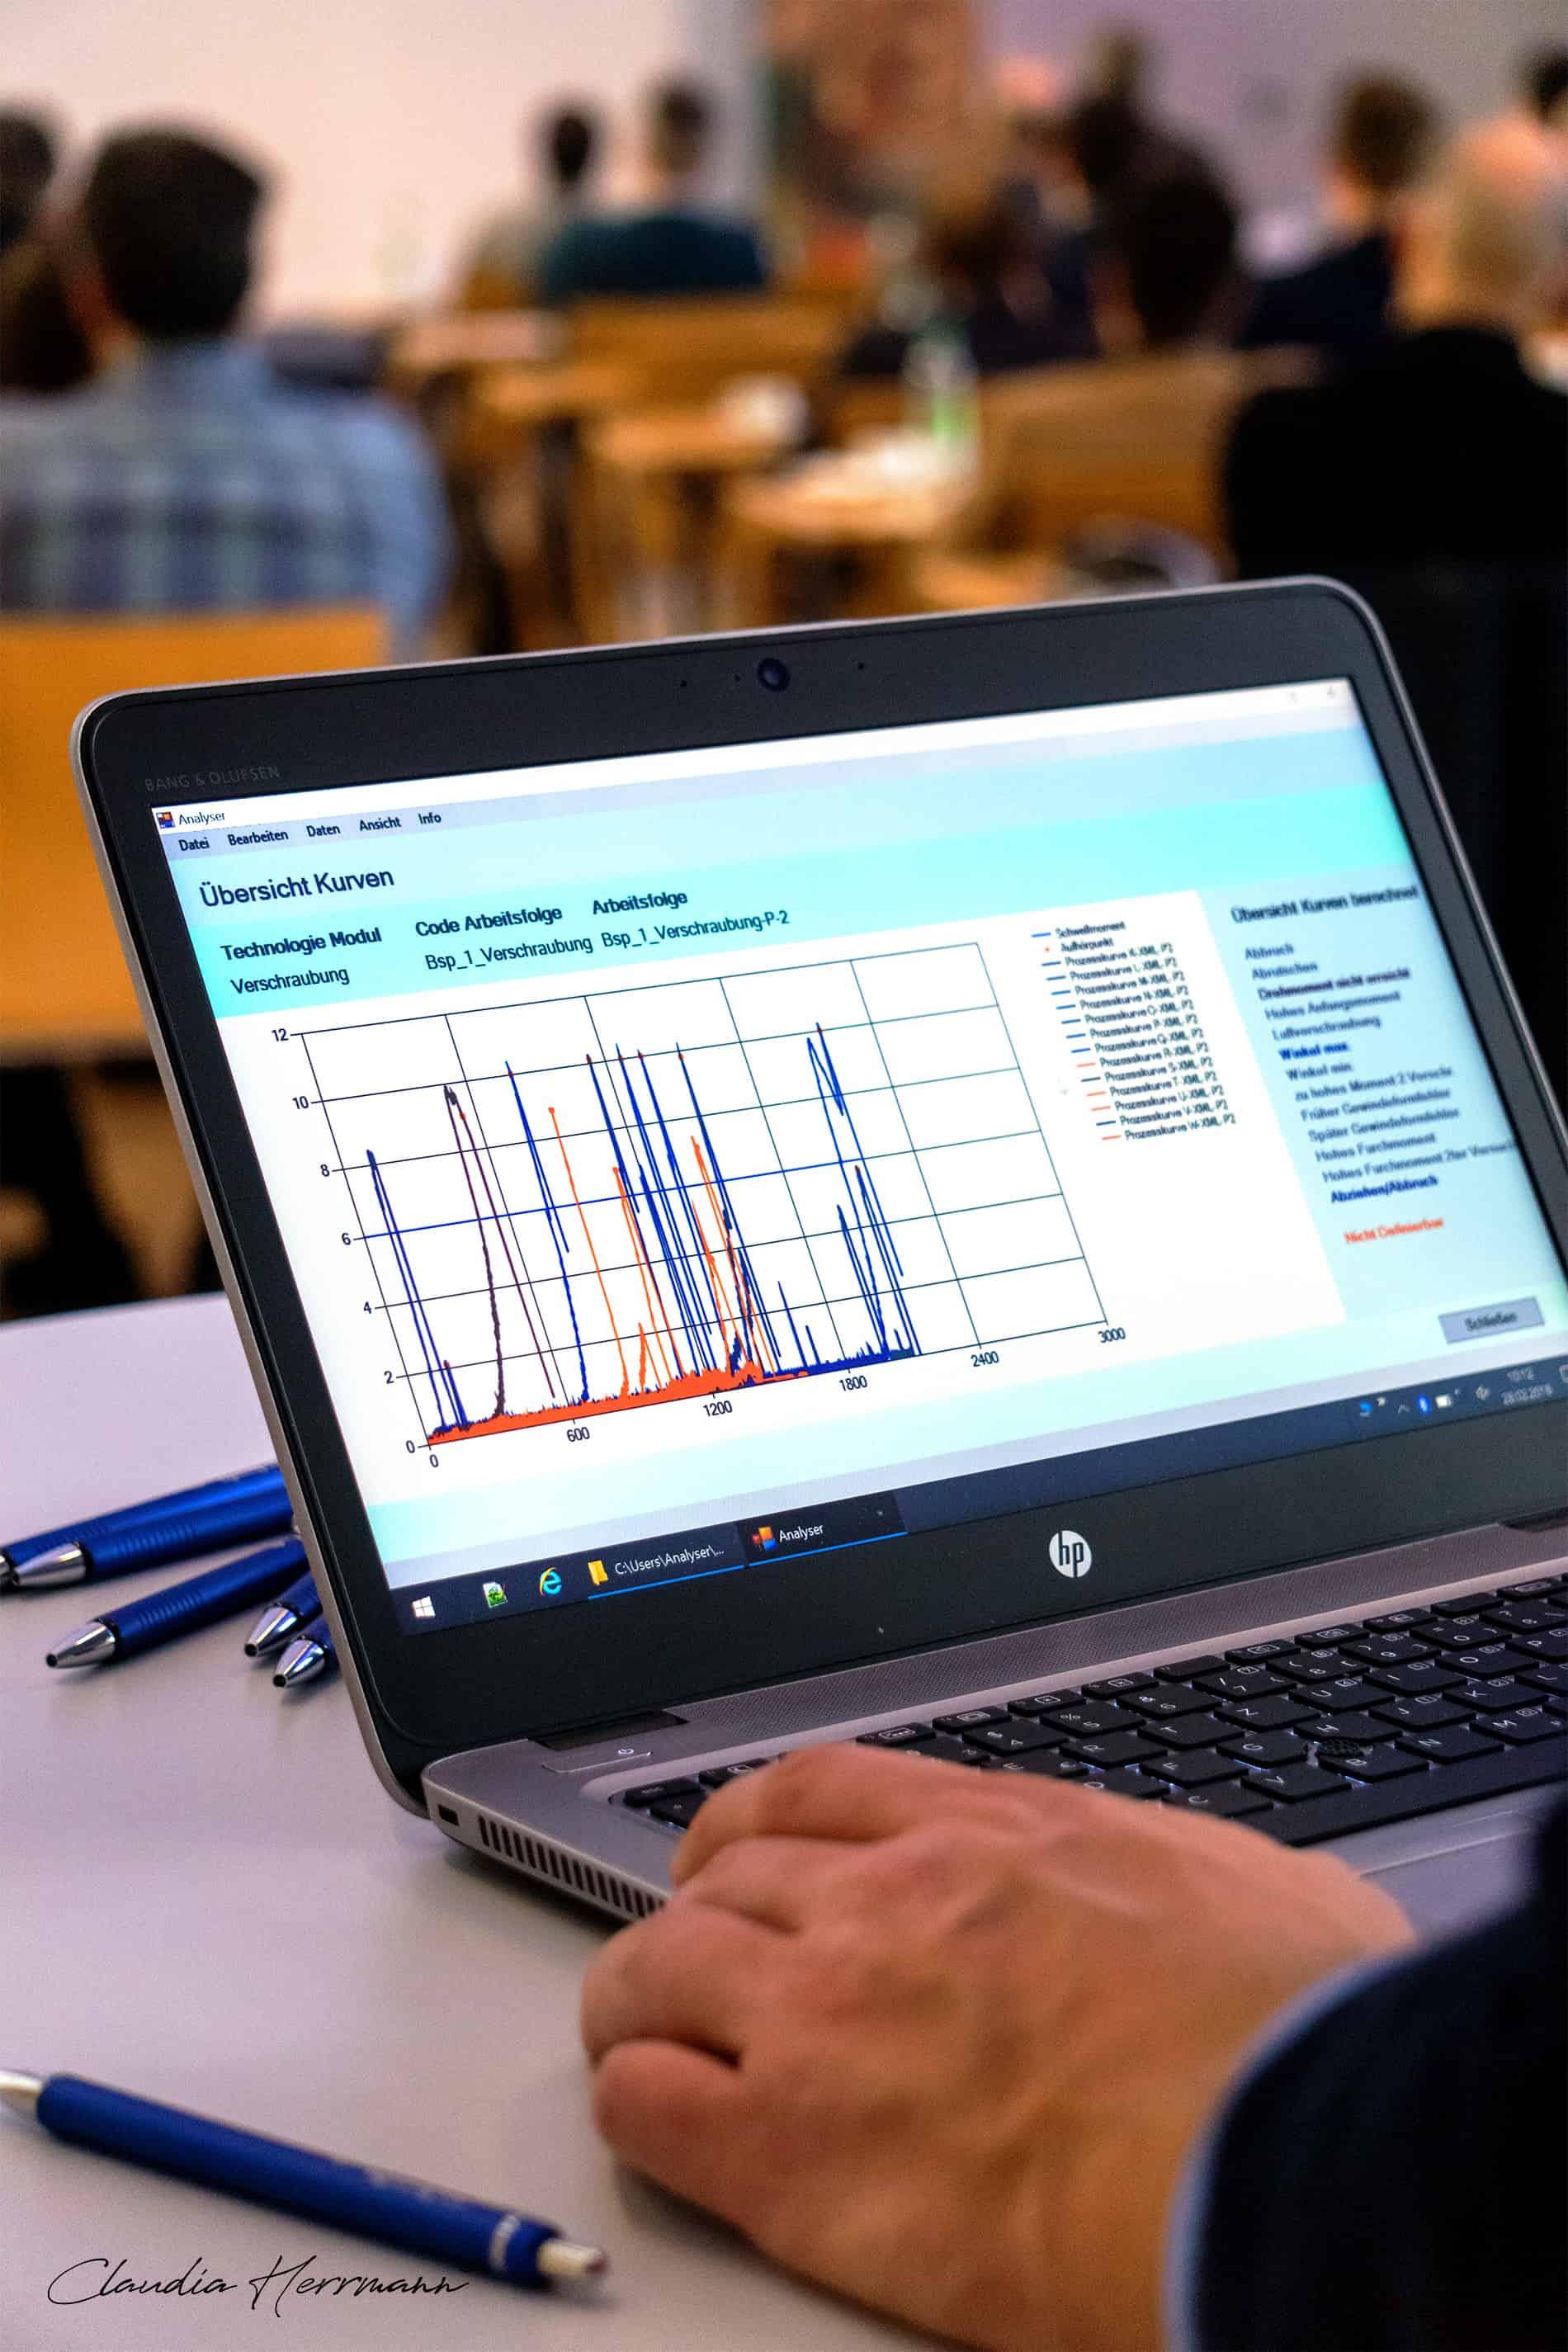 28.02.2018 Industrie 4.0: Künstliche Intelligenz – IHK München Oberbayern